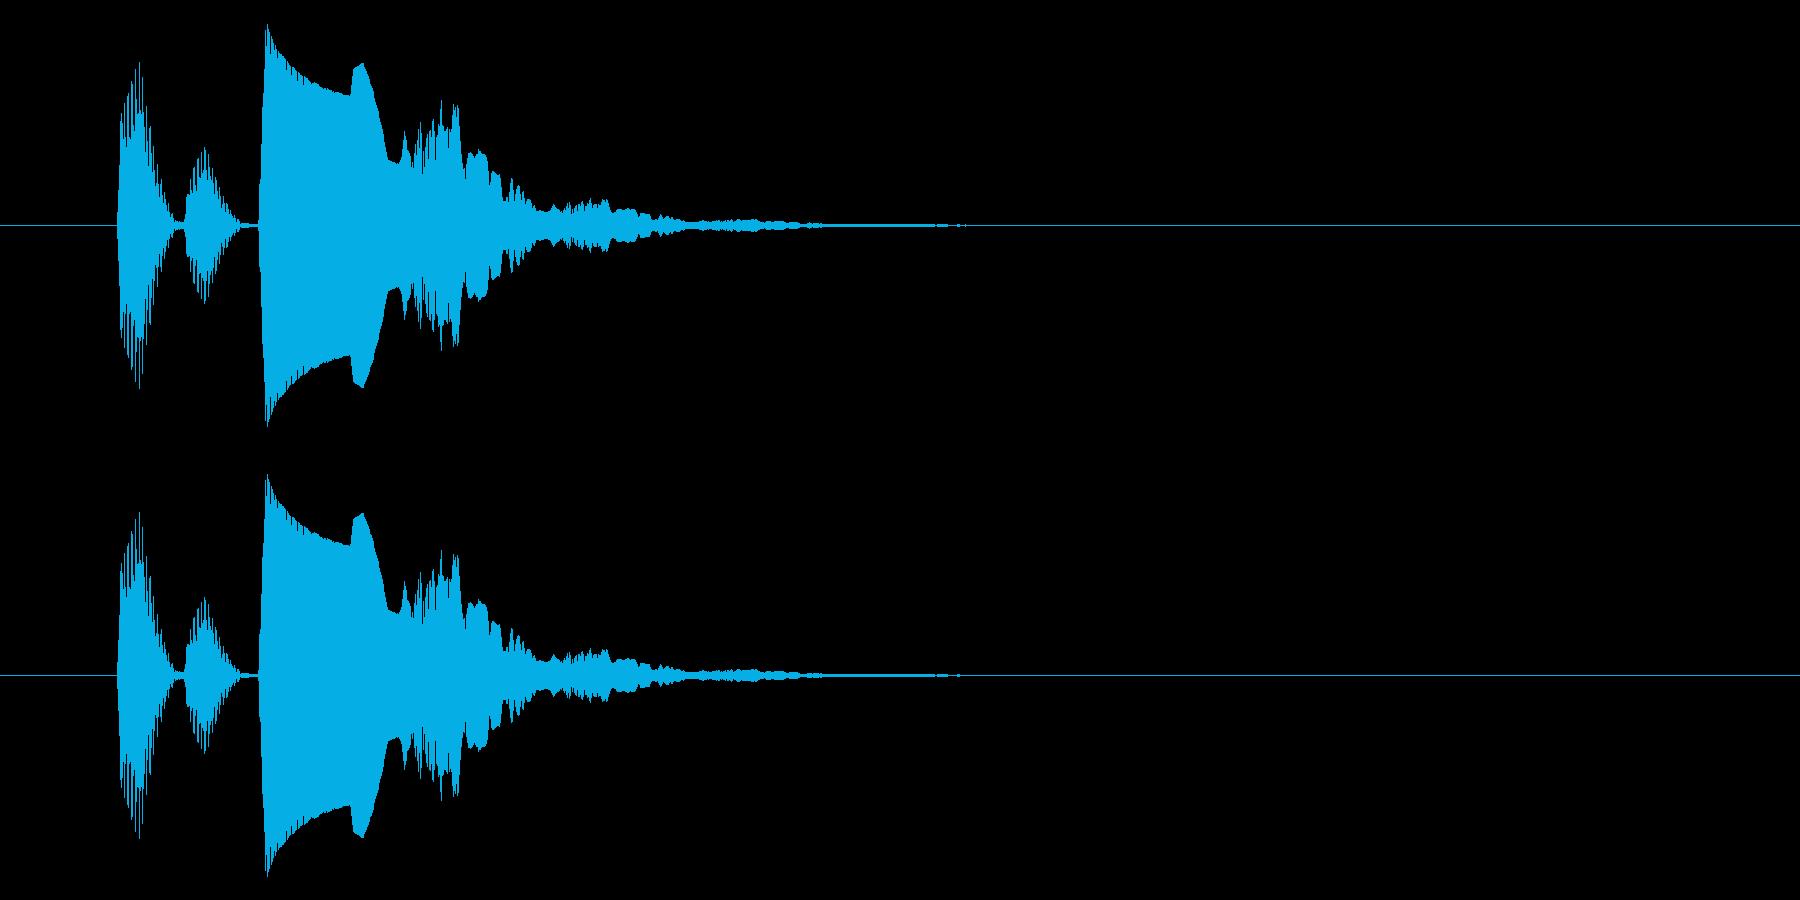 【アクセント42-2】の再生済みの波形